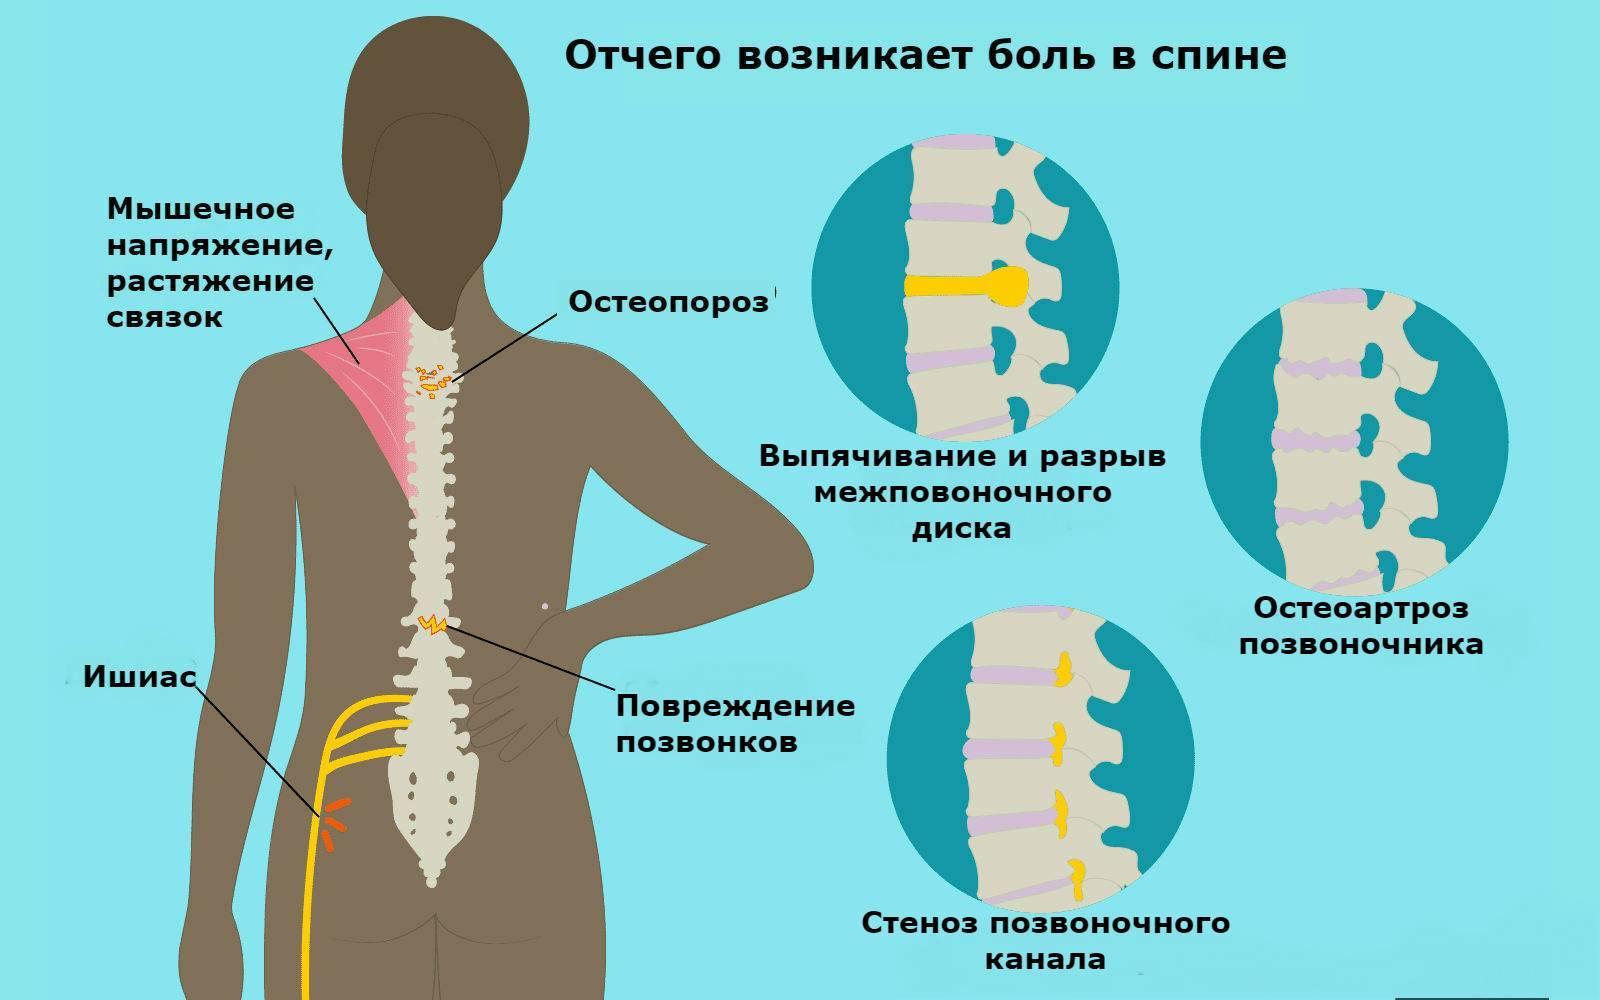 Остеохондроз позвоночника: симптомы, лечение и профилактика